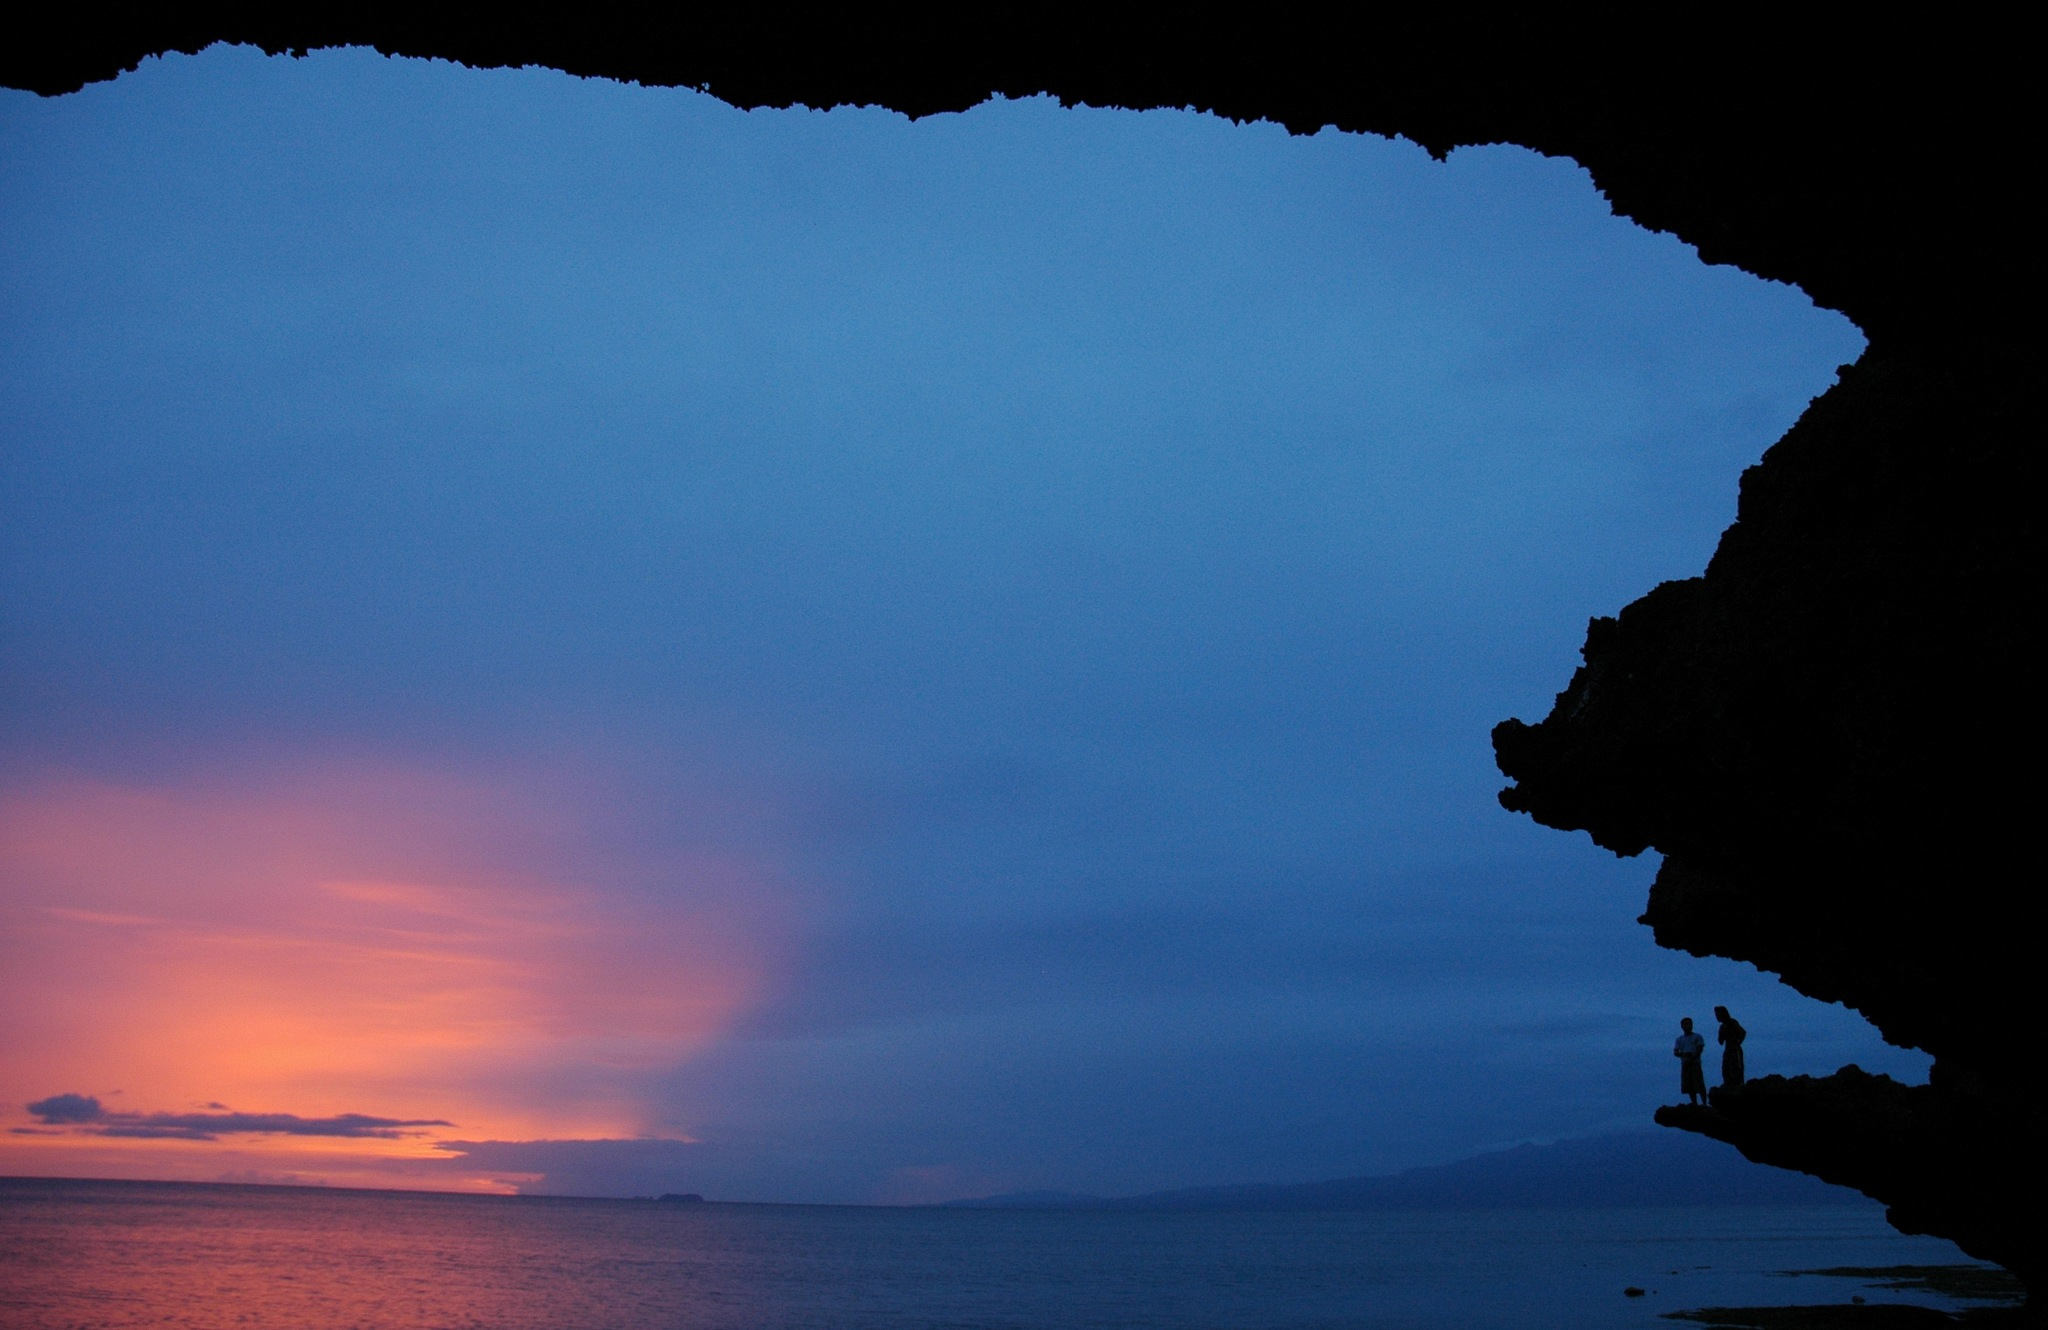 Rock-framed sunset by JeanGregoireMarin